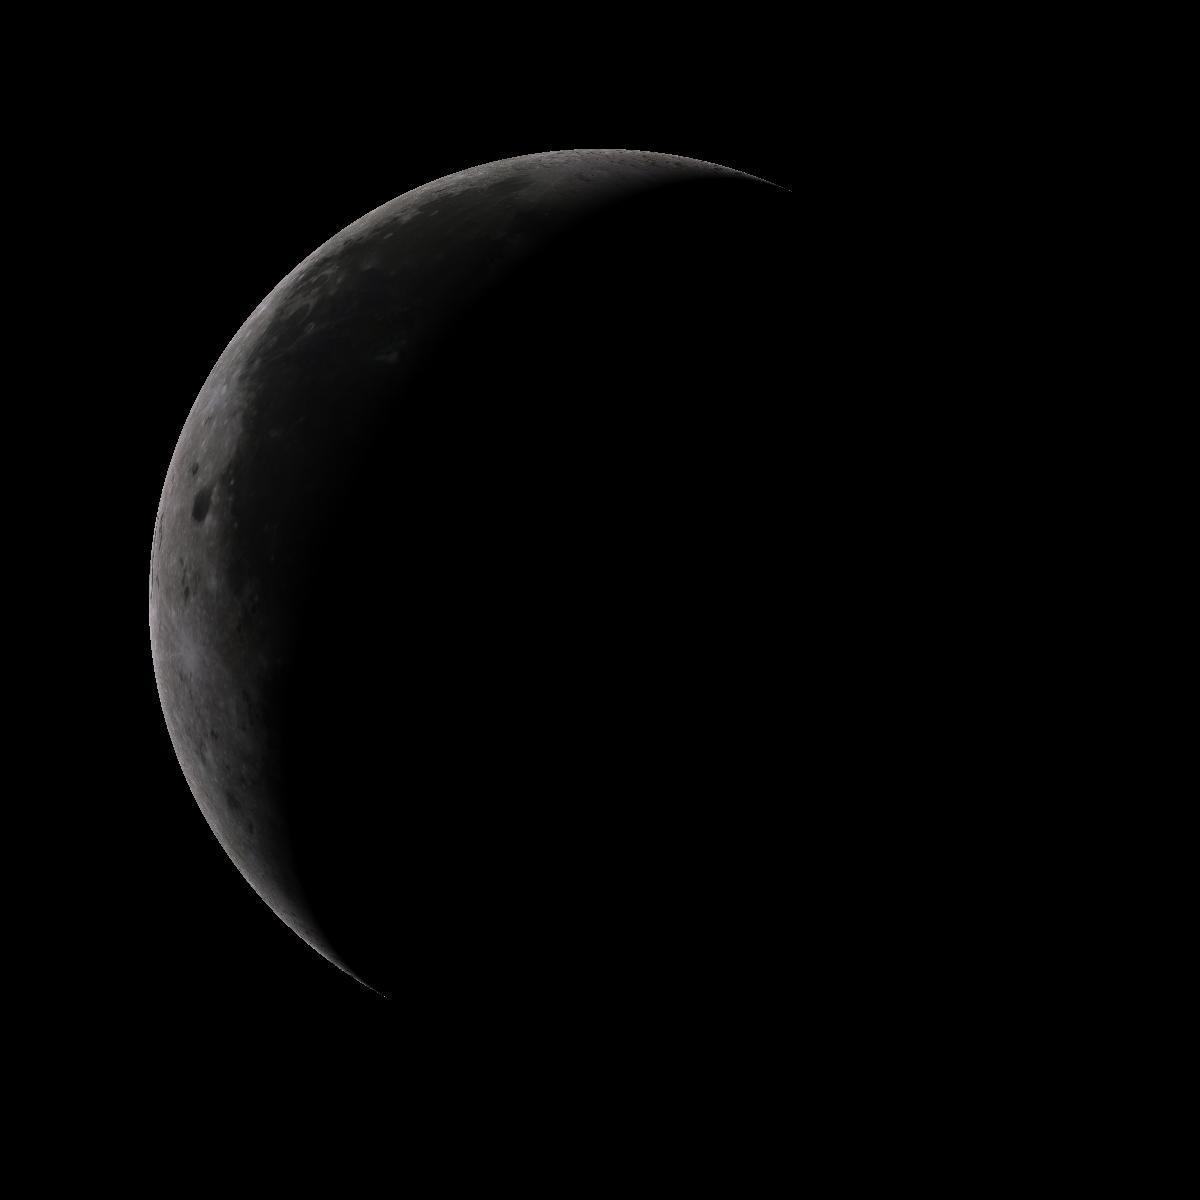 Lune du 30 mai 2019